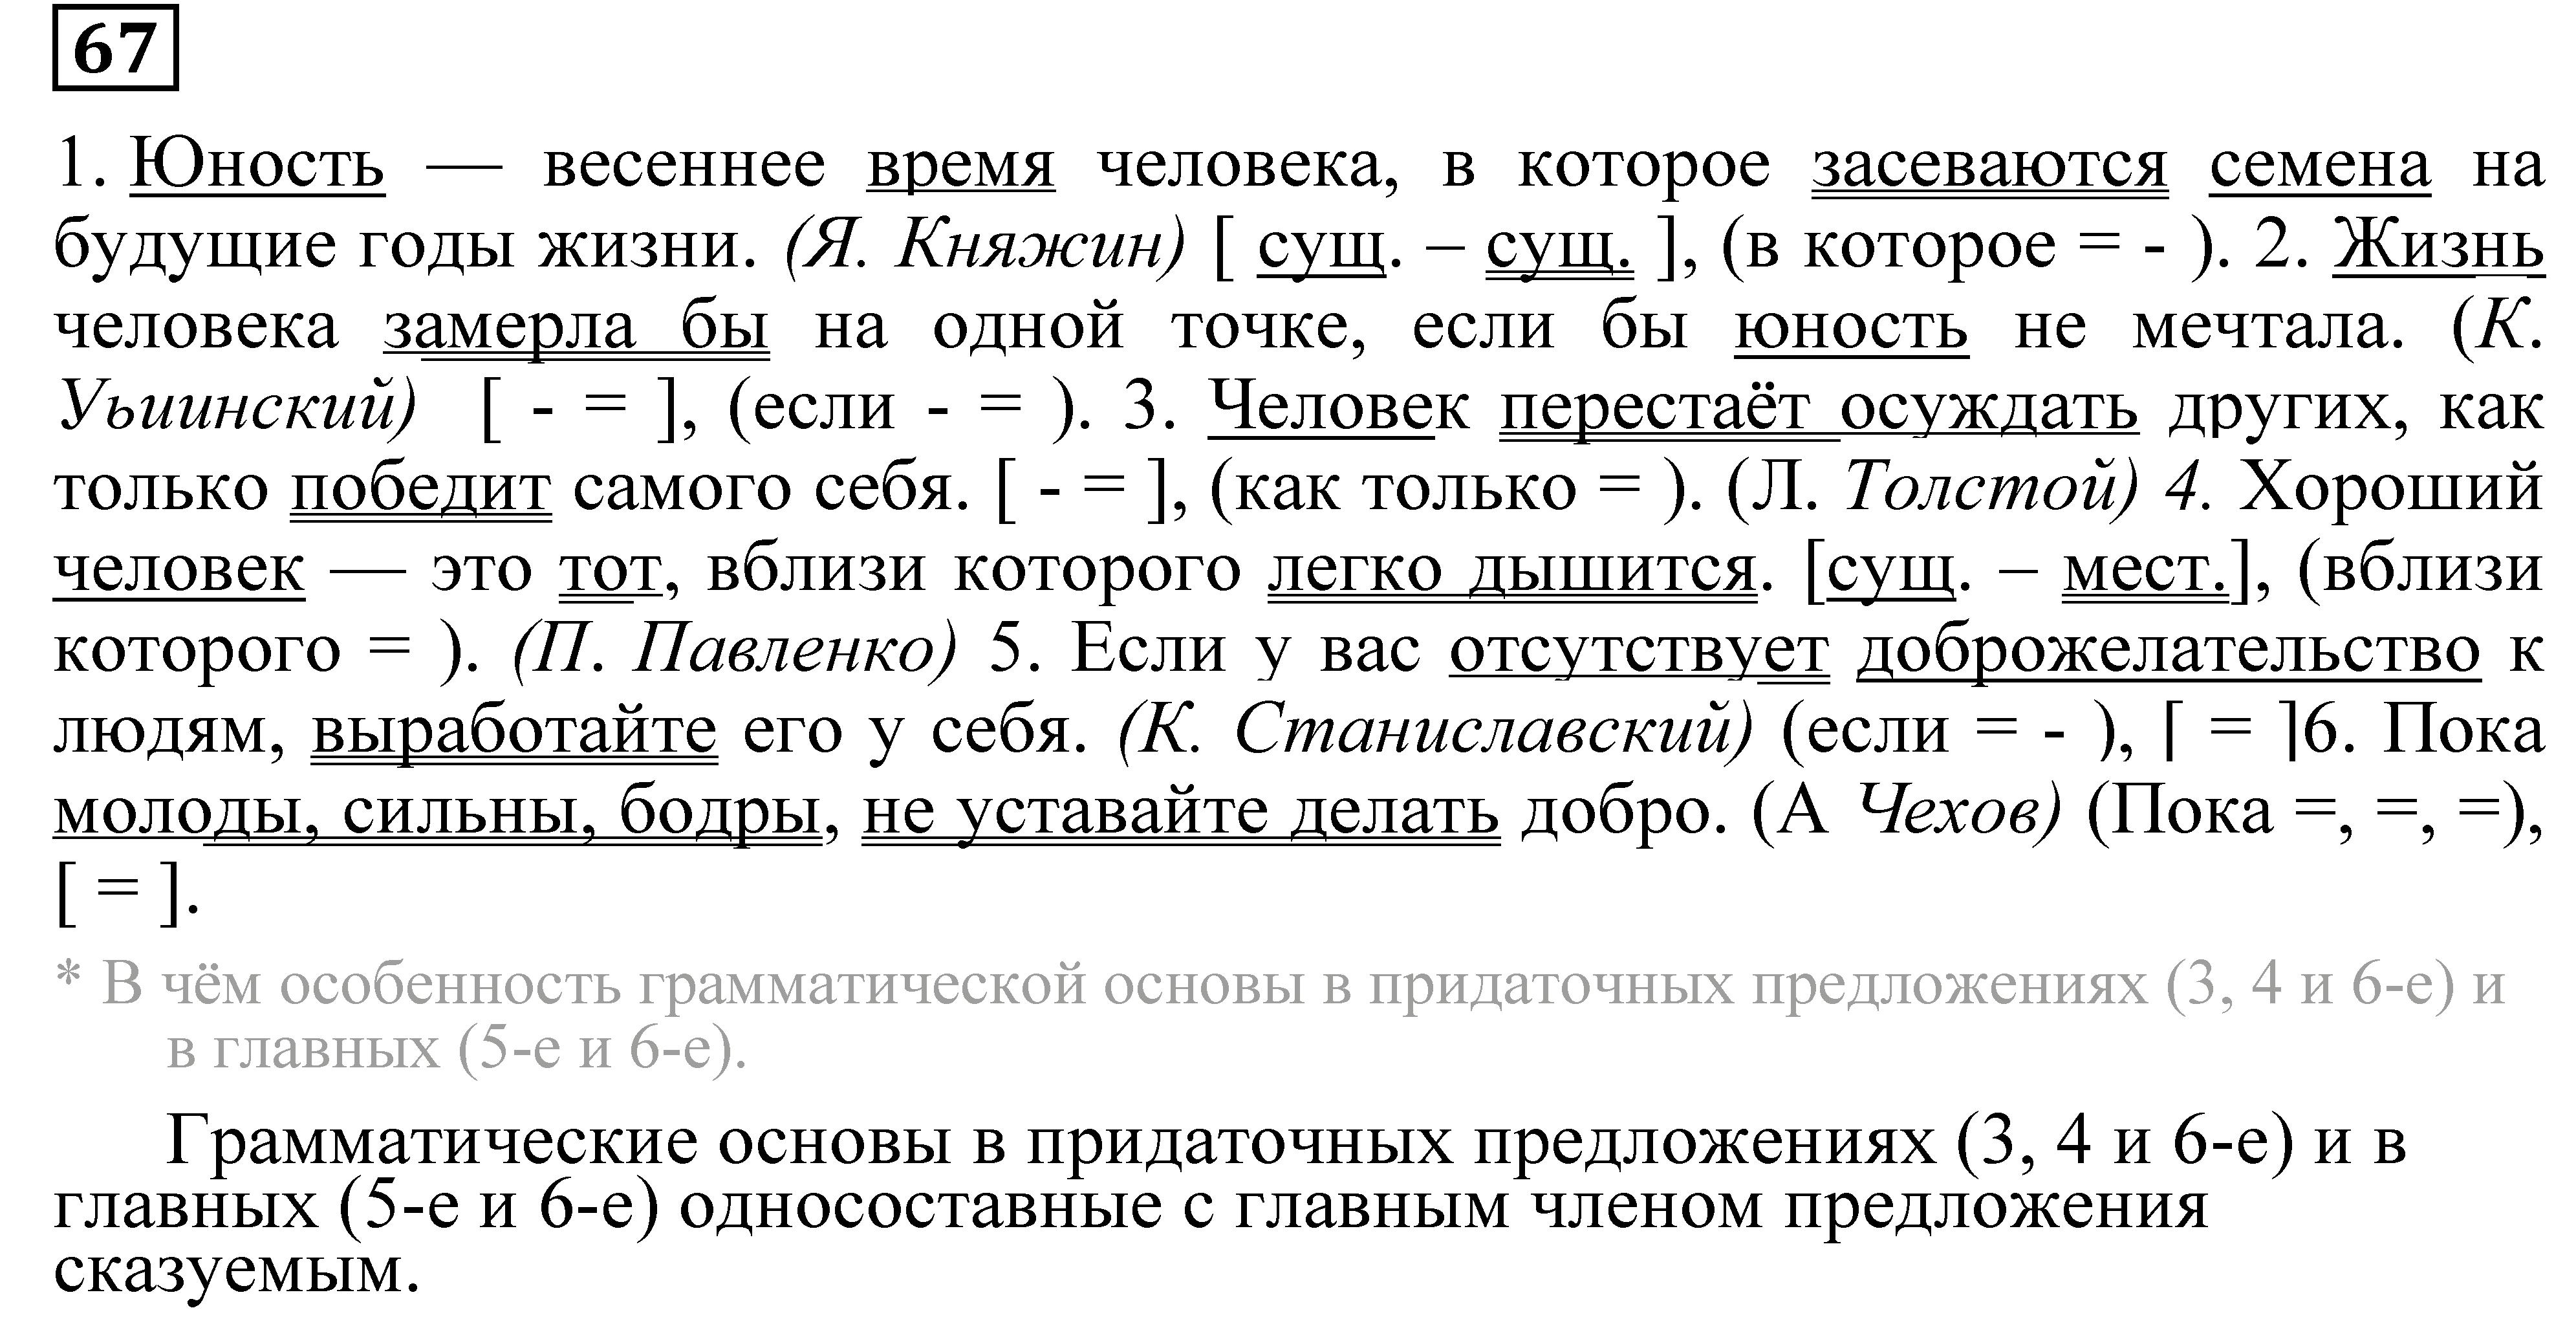 Гдз по русскому языку пичугов, еремеева, купалова